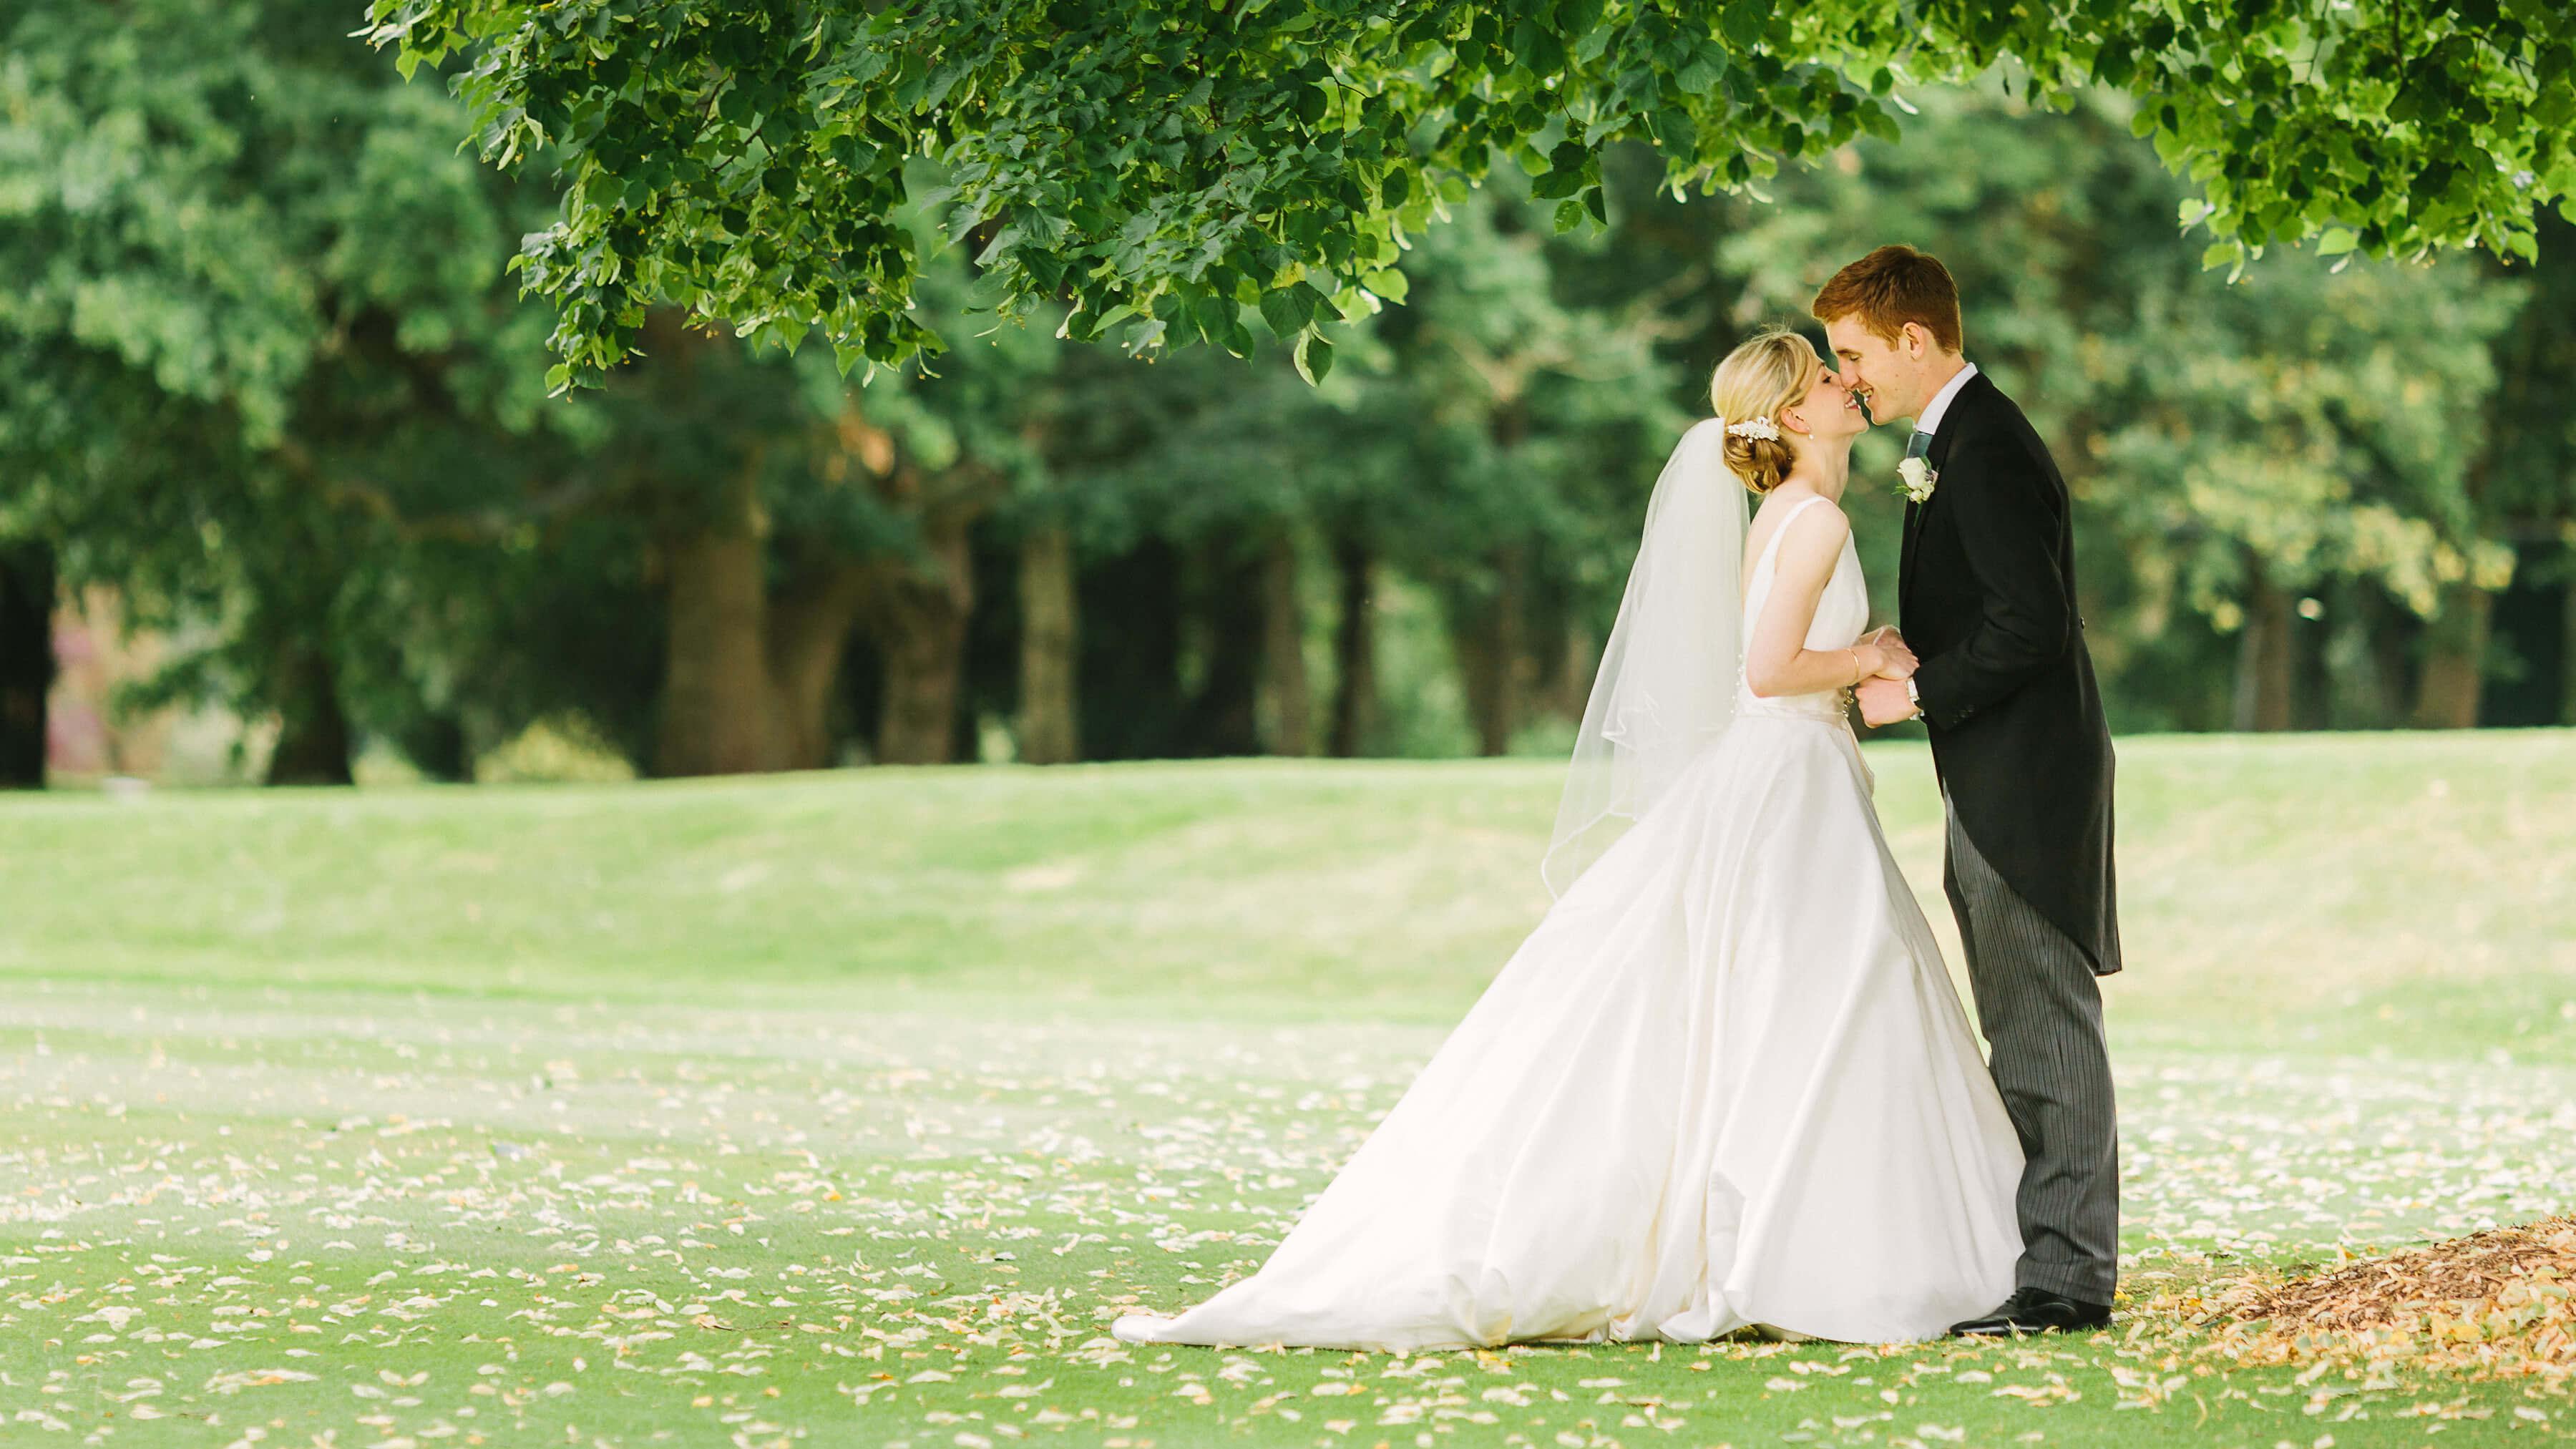 Как Организовать Свадьбу Мечты: Топ Восемь Правил